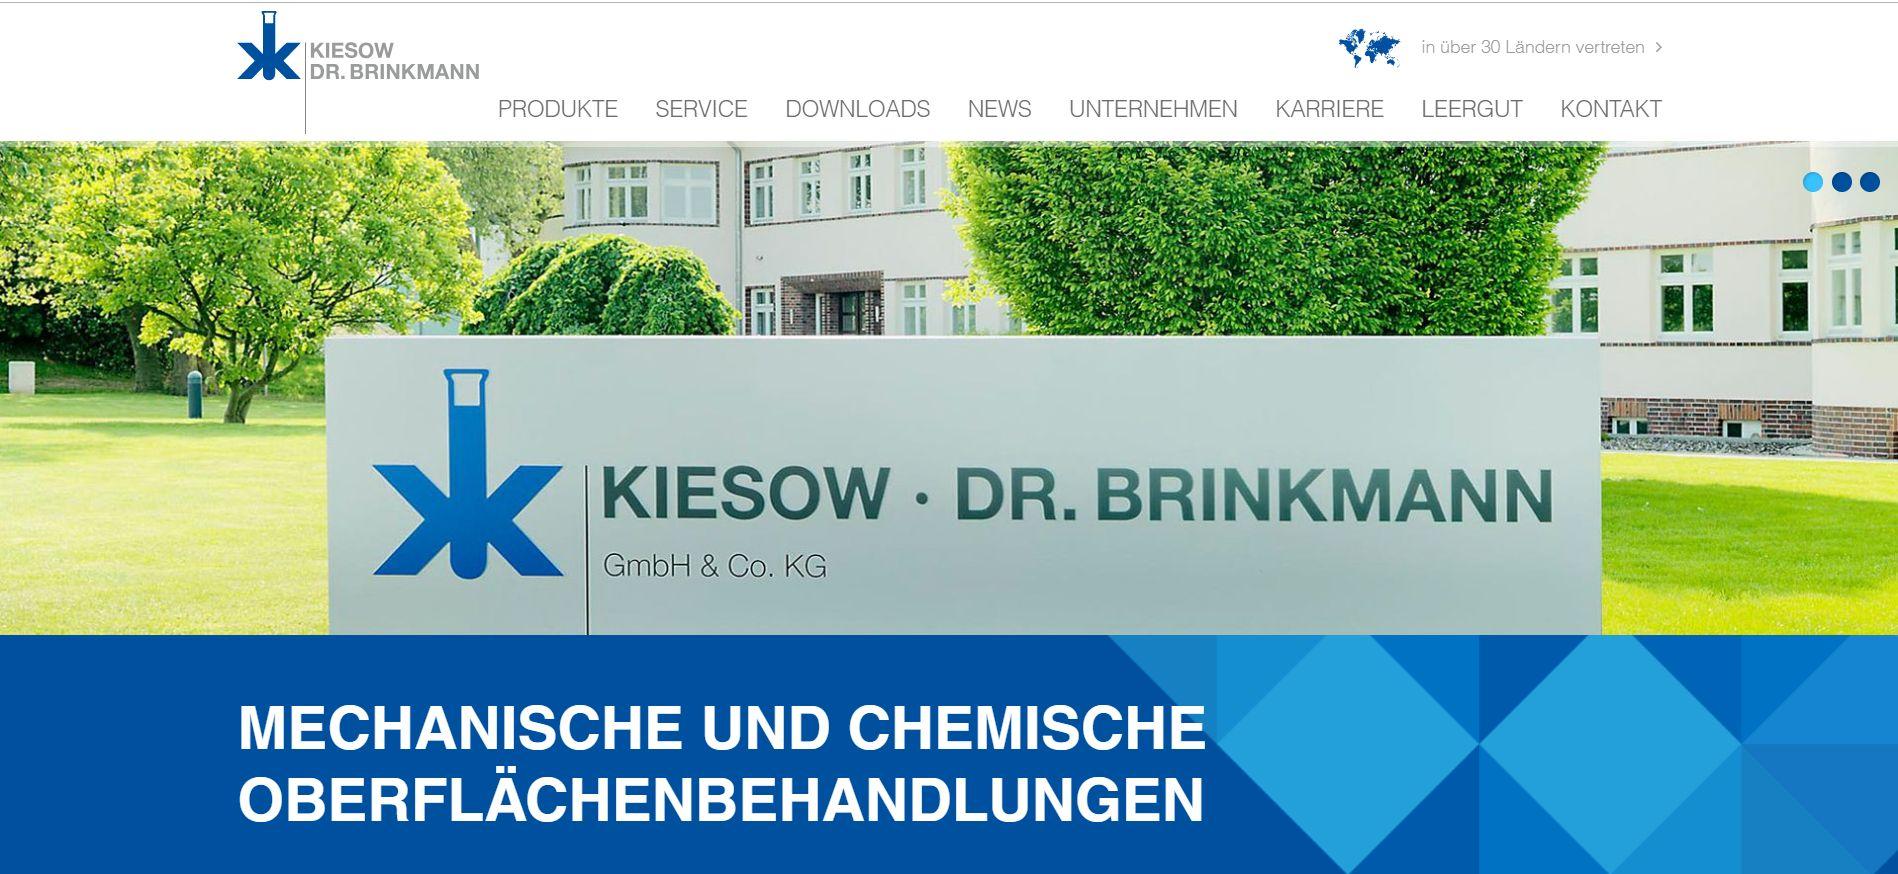 kiesov.de